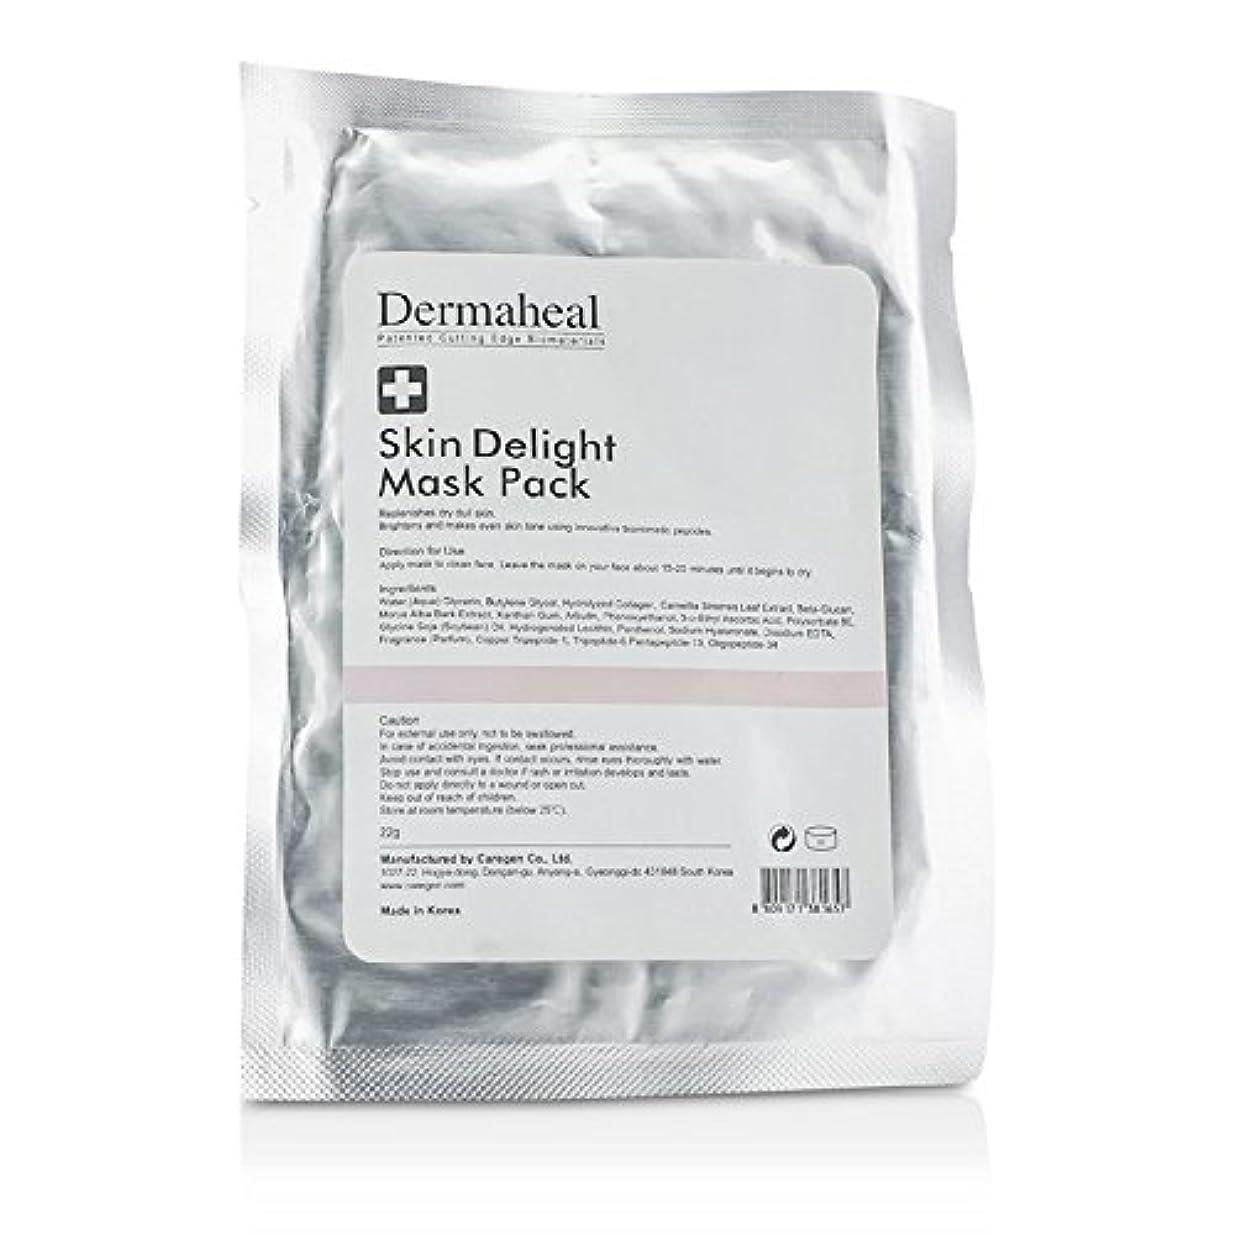 カップカタログ薬用ダーマヒール Skin Delight Mask Pack 22g/0.7oz並行輸入品